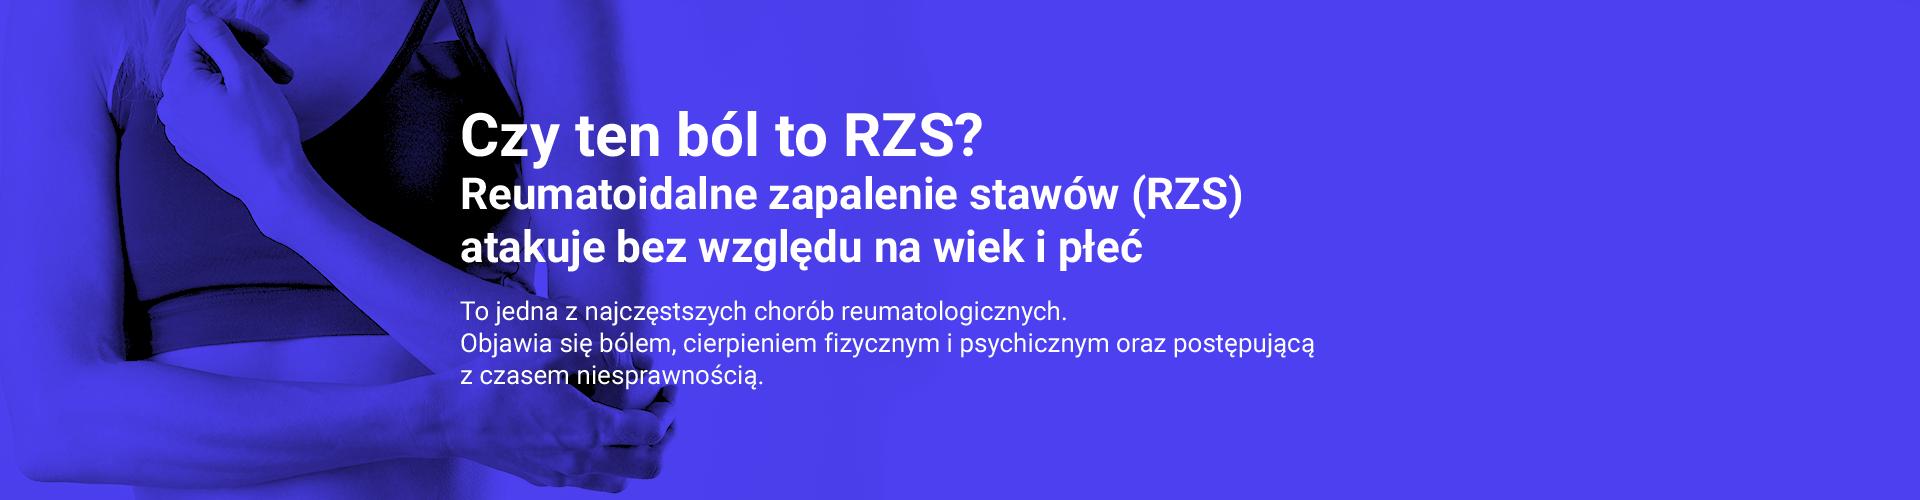 Czy ten ból to RZS?